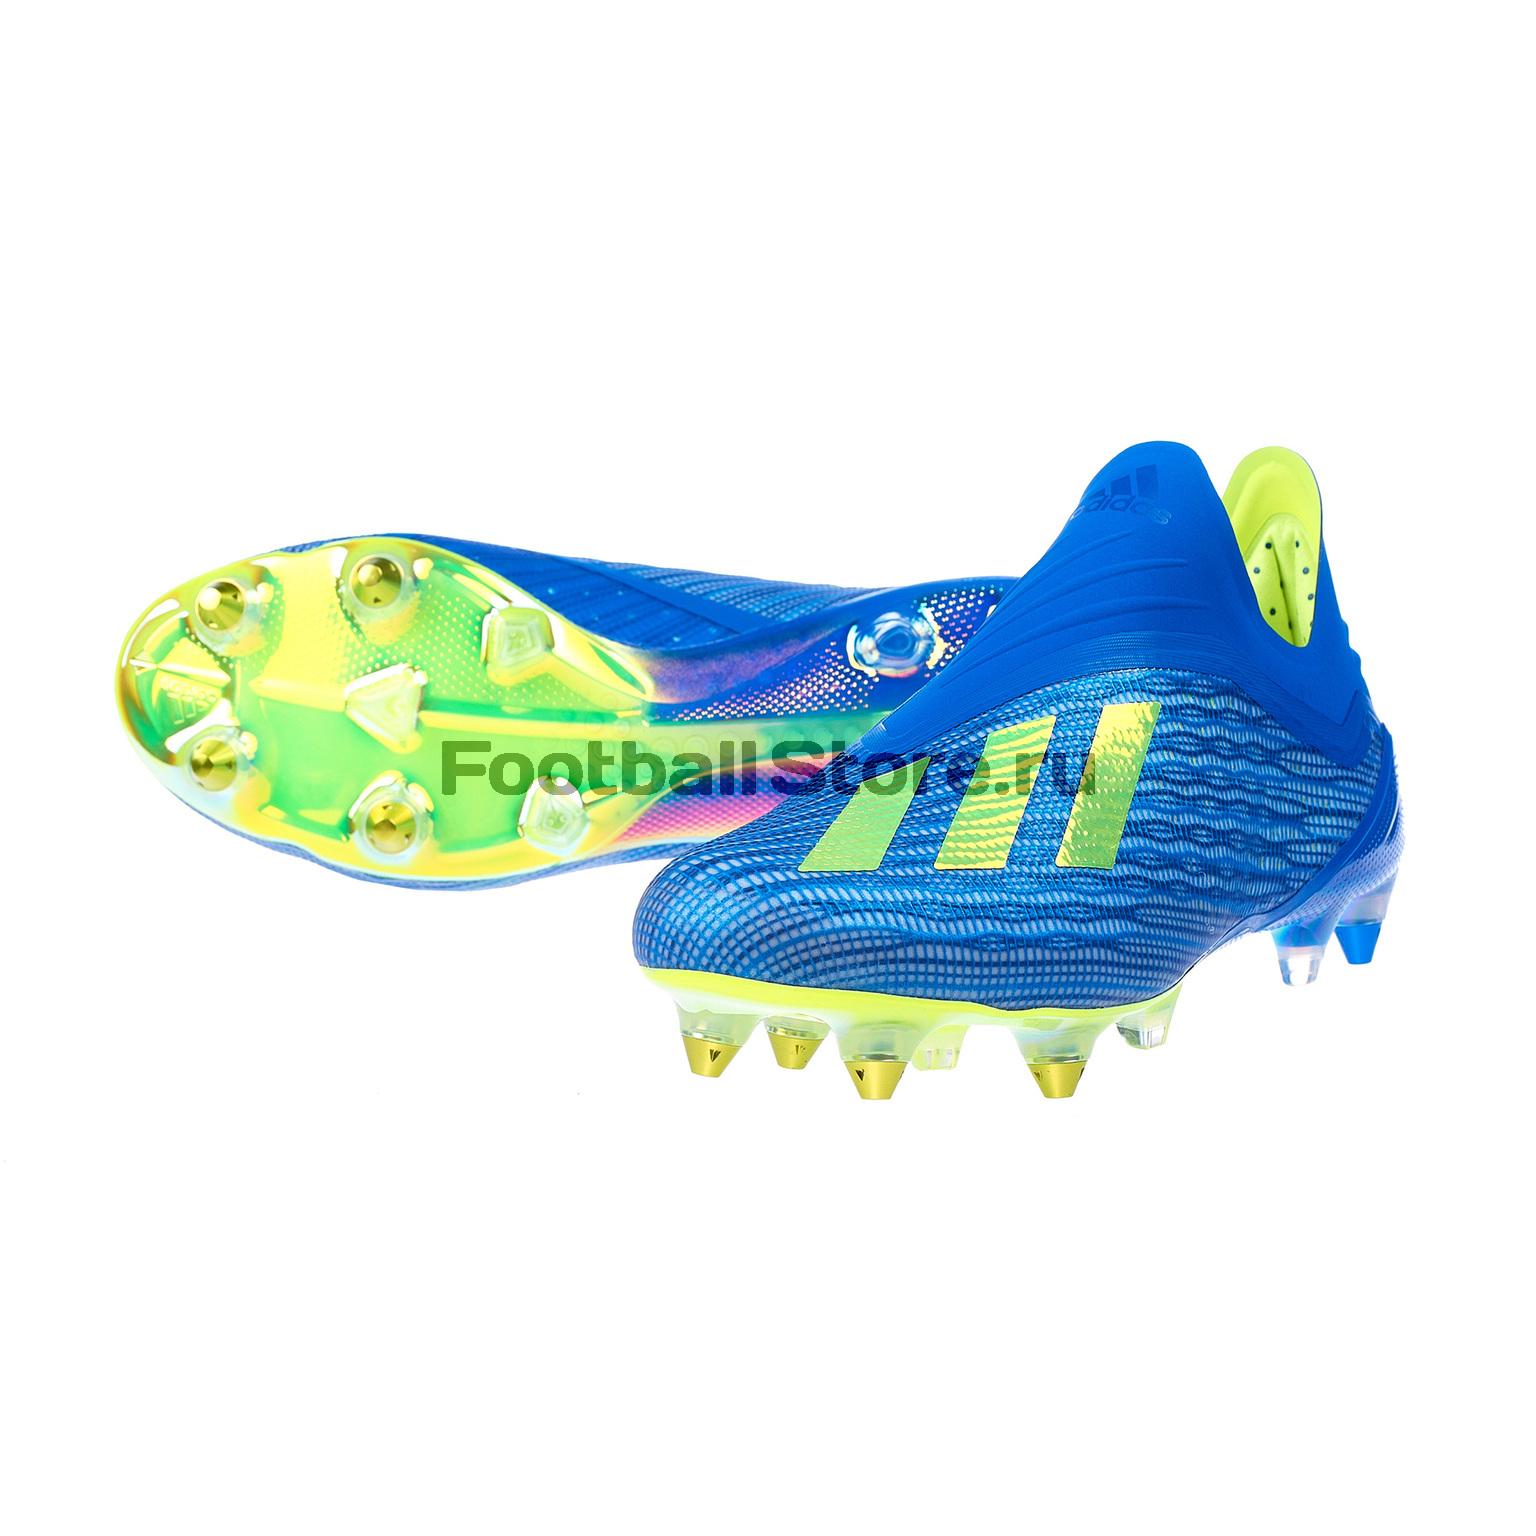 aeb55229 Бутсы Adidas X 18+ SG CM8364 – купить бутсы в интернет магазине ...